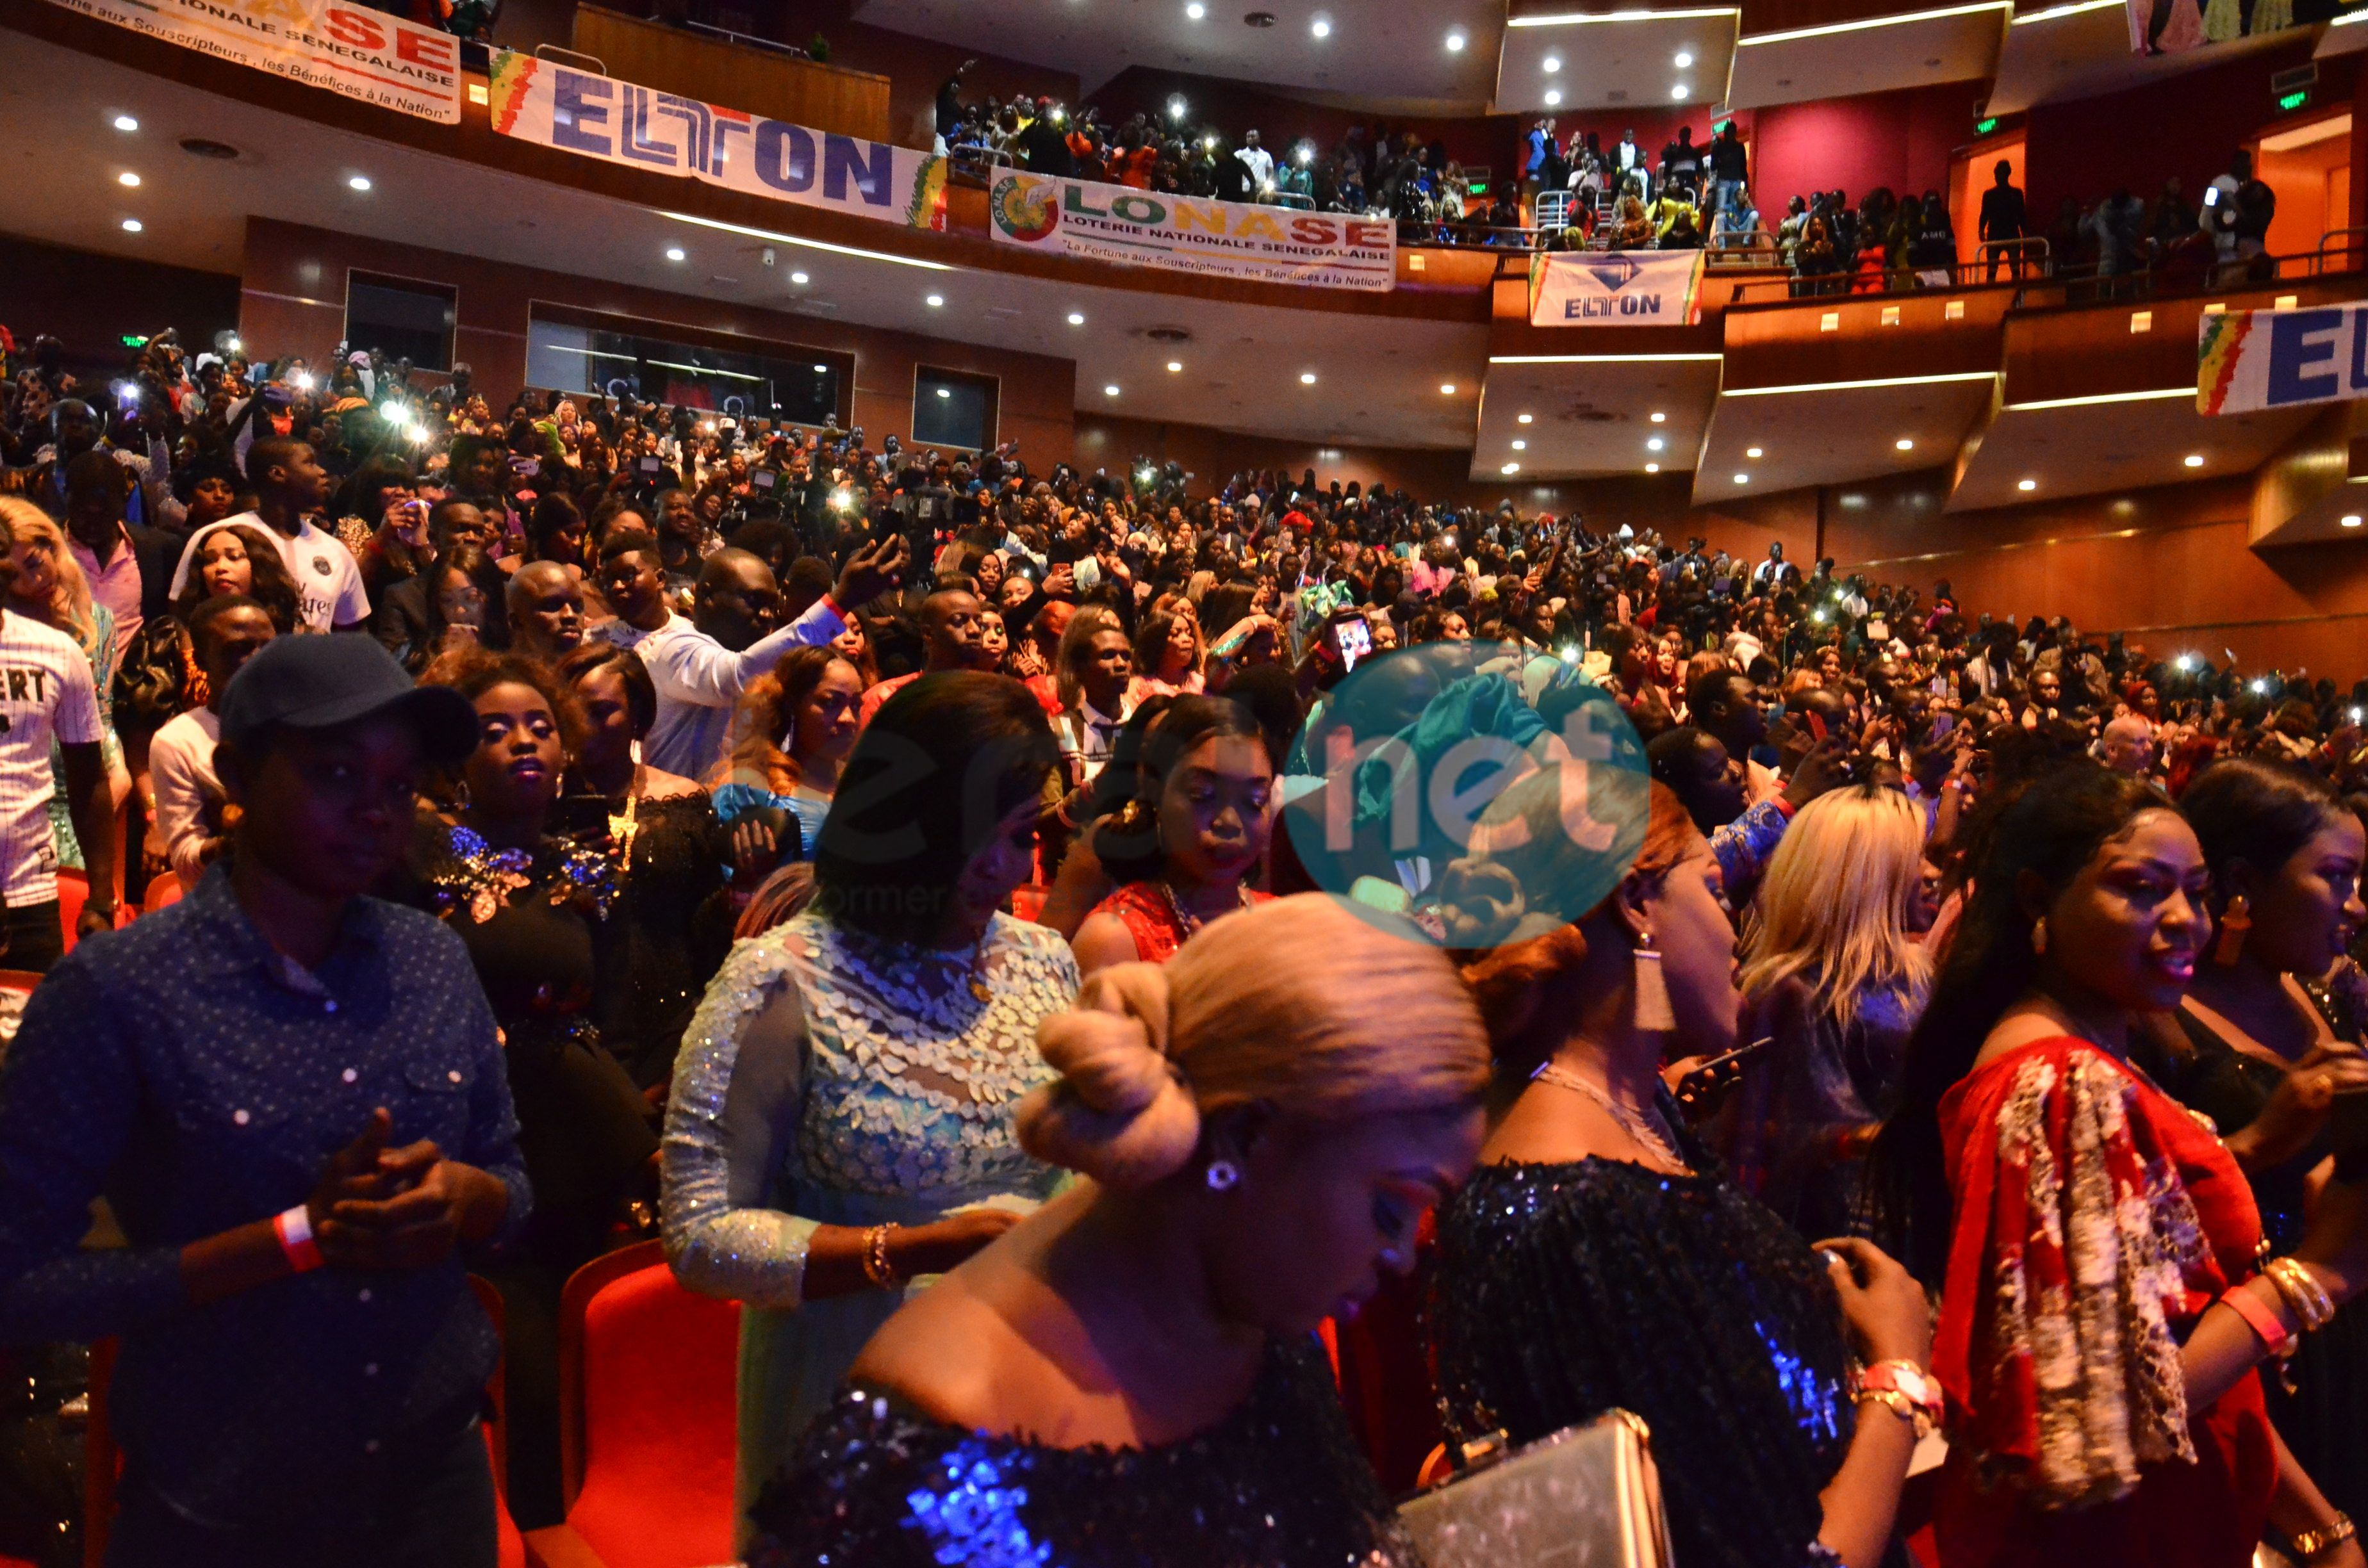 Les images de la soirée Sargal Djiguéne de Wally Seck au Grand Théâtre